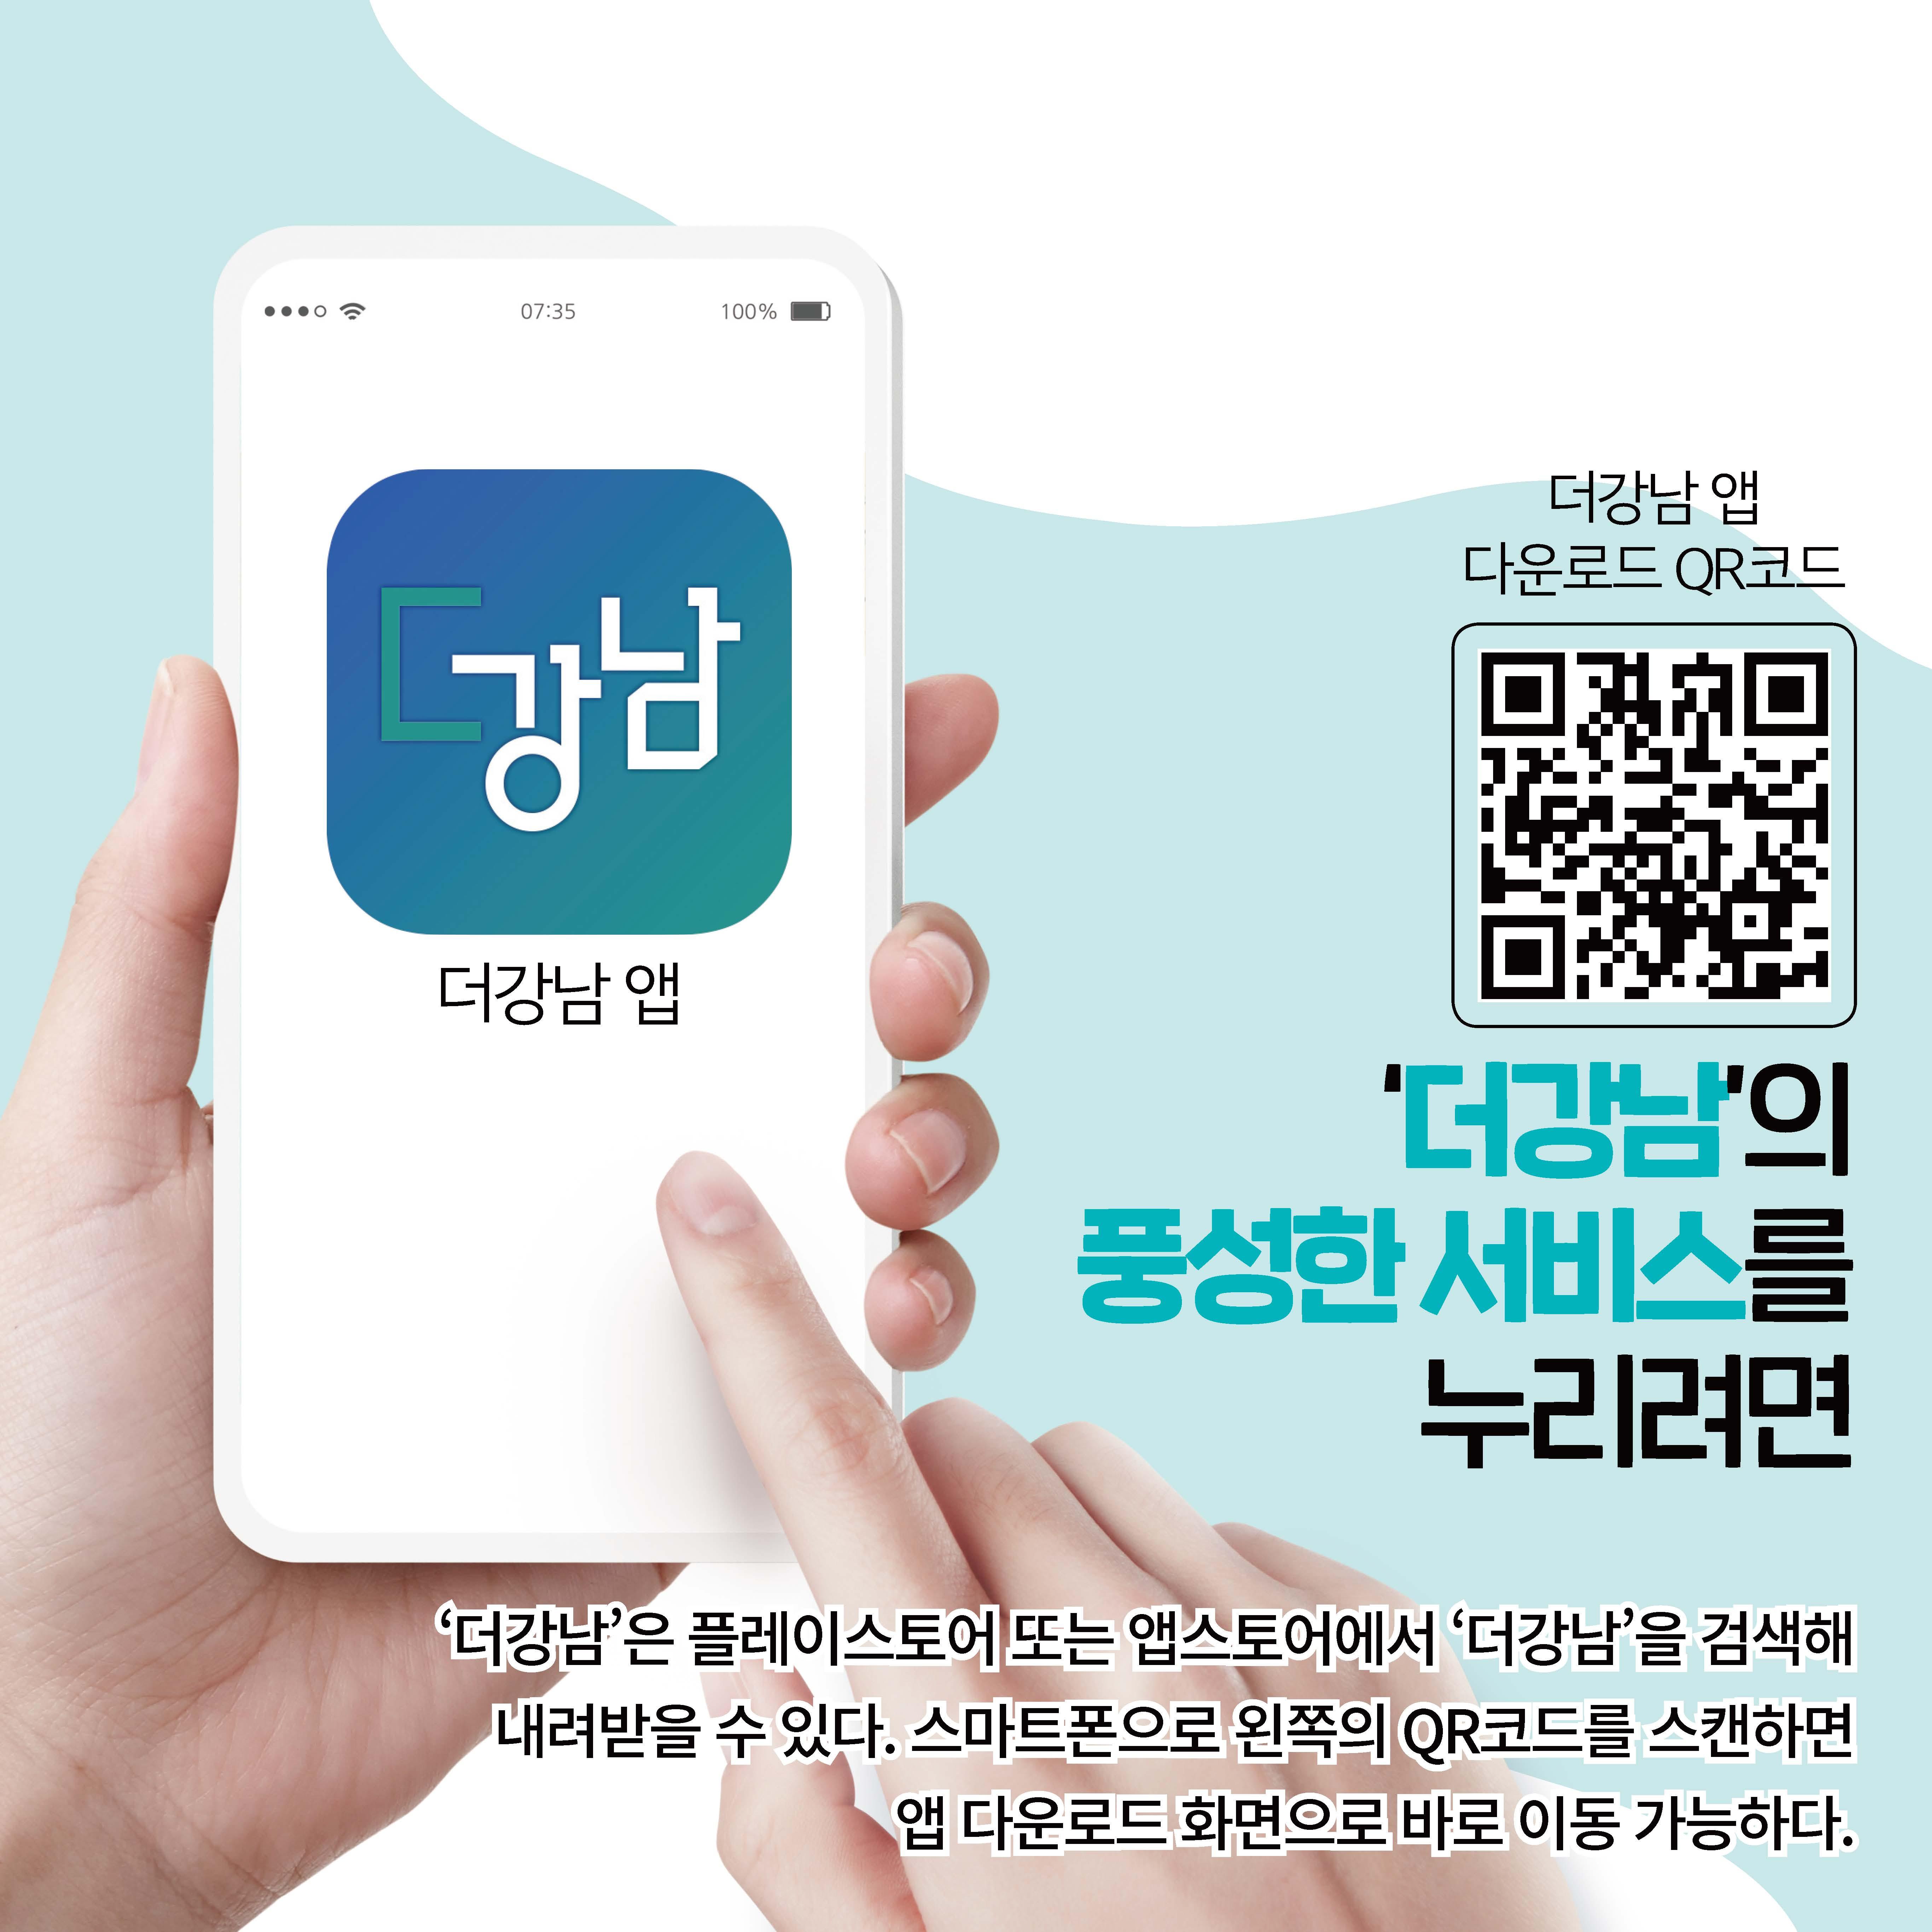 '더강남'의풍성한 서비스를 누리려면 '더강남'은 플레이스토어 또는 앱스토어에서 '더강남'을 검색해 내려받을 수 있다. 스마트폰으로 오른쪽의 QR코드를 스캔하면 앱 다운로드 화면으로 바로 이동 가능하다.